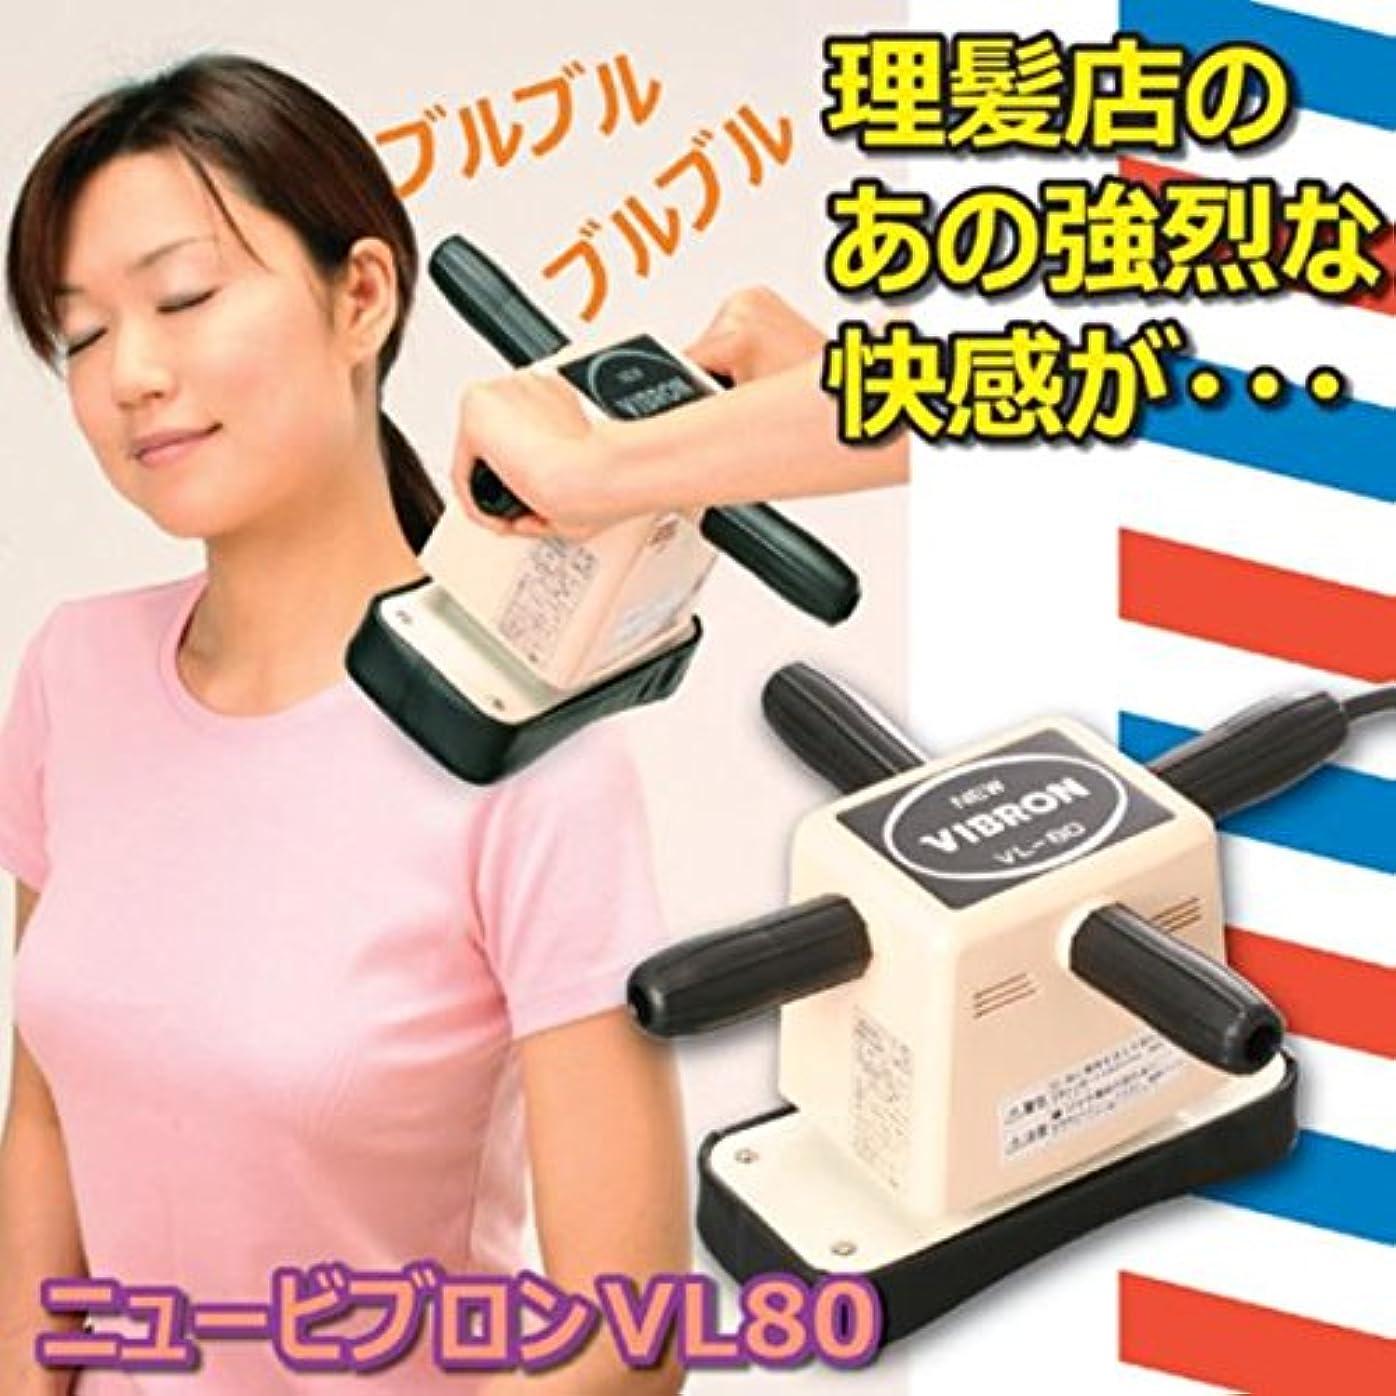 ブーム合体文字通り後藤:家庭用電気マッサージ器ニュービブロン 870070